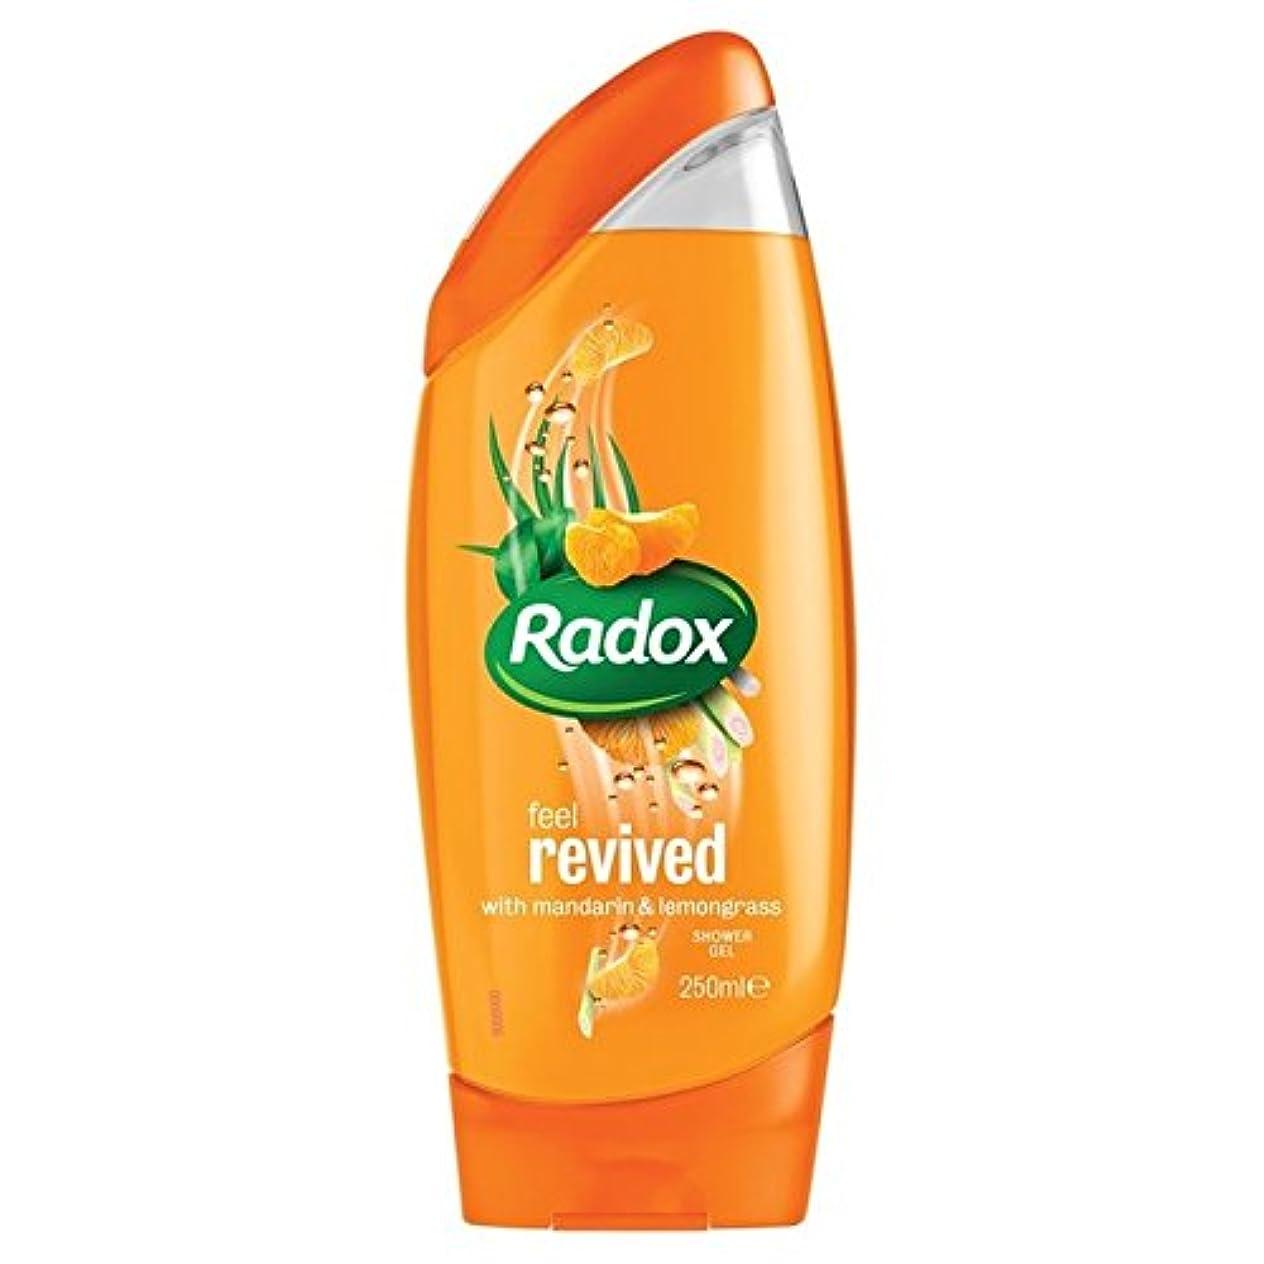 リズムコードレス犯罪Radox Mandarin Revive Shower Gel 250ml - のみかんは、シャワージェル250ミリリットルを復活させます [並行輸入品]